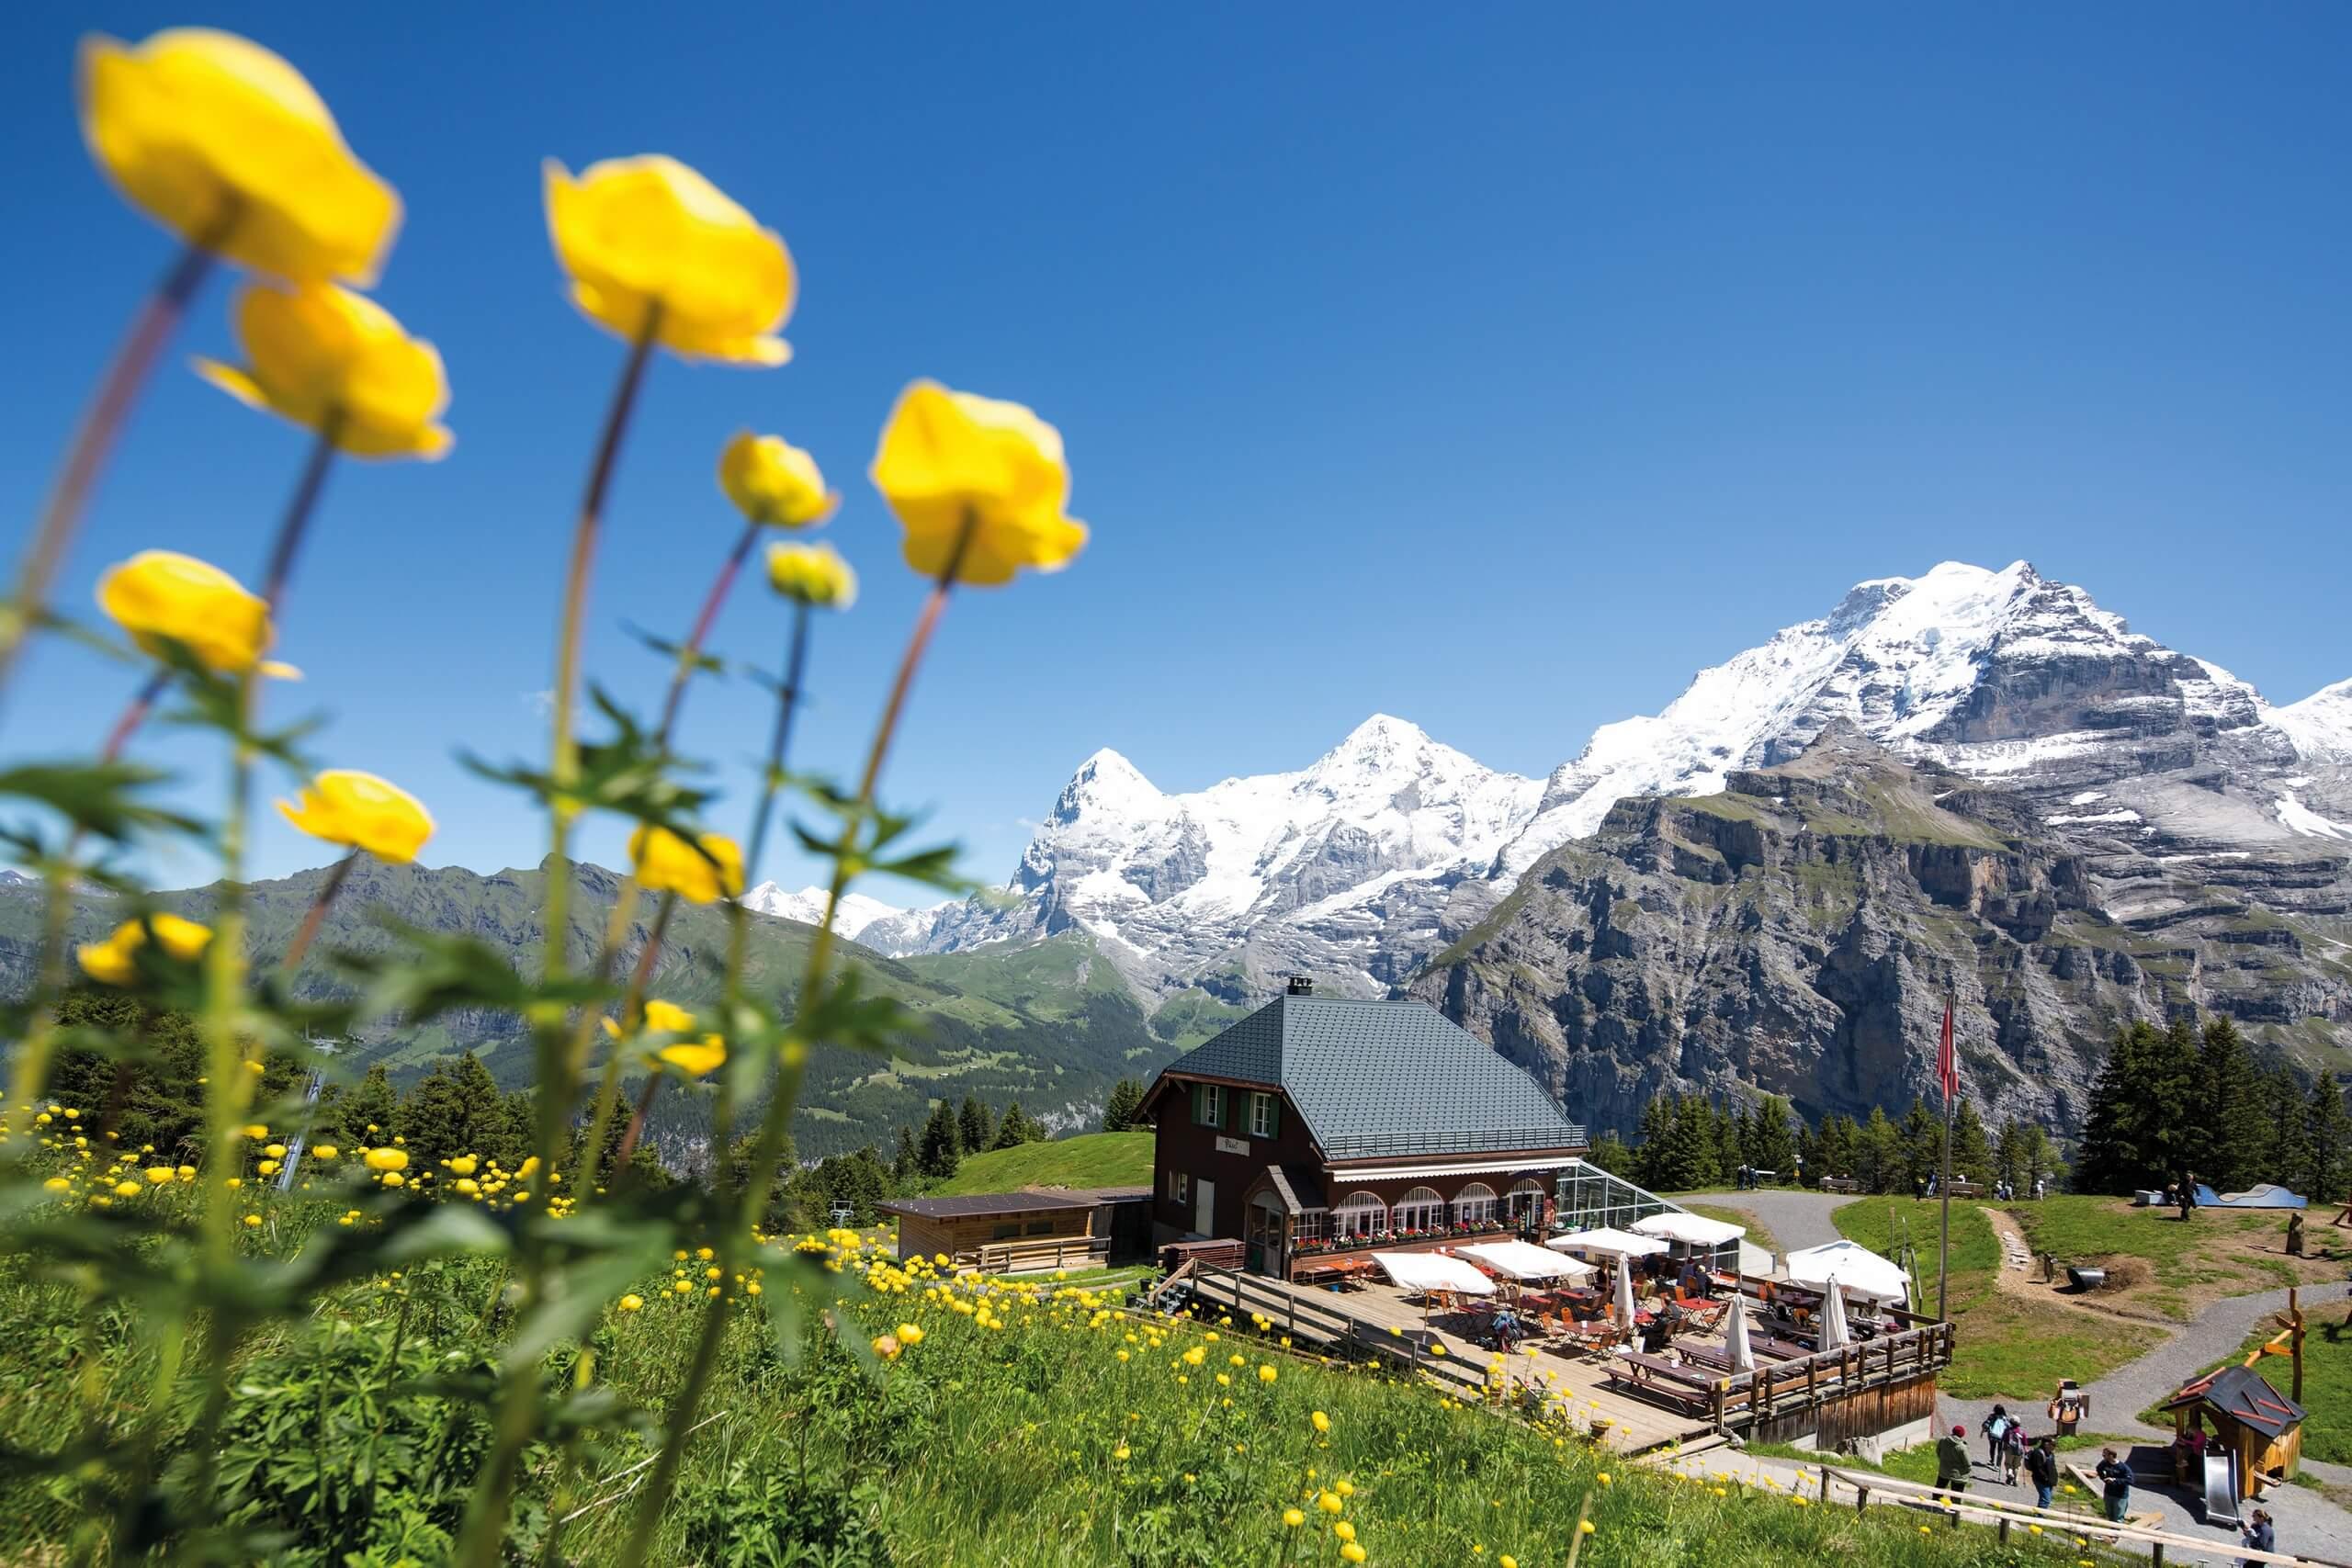 schilthorn-allmendhubel-sommer-restaurant